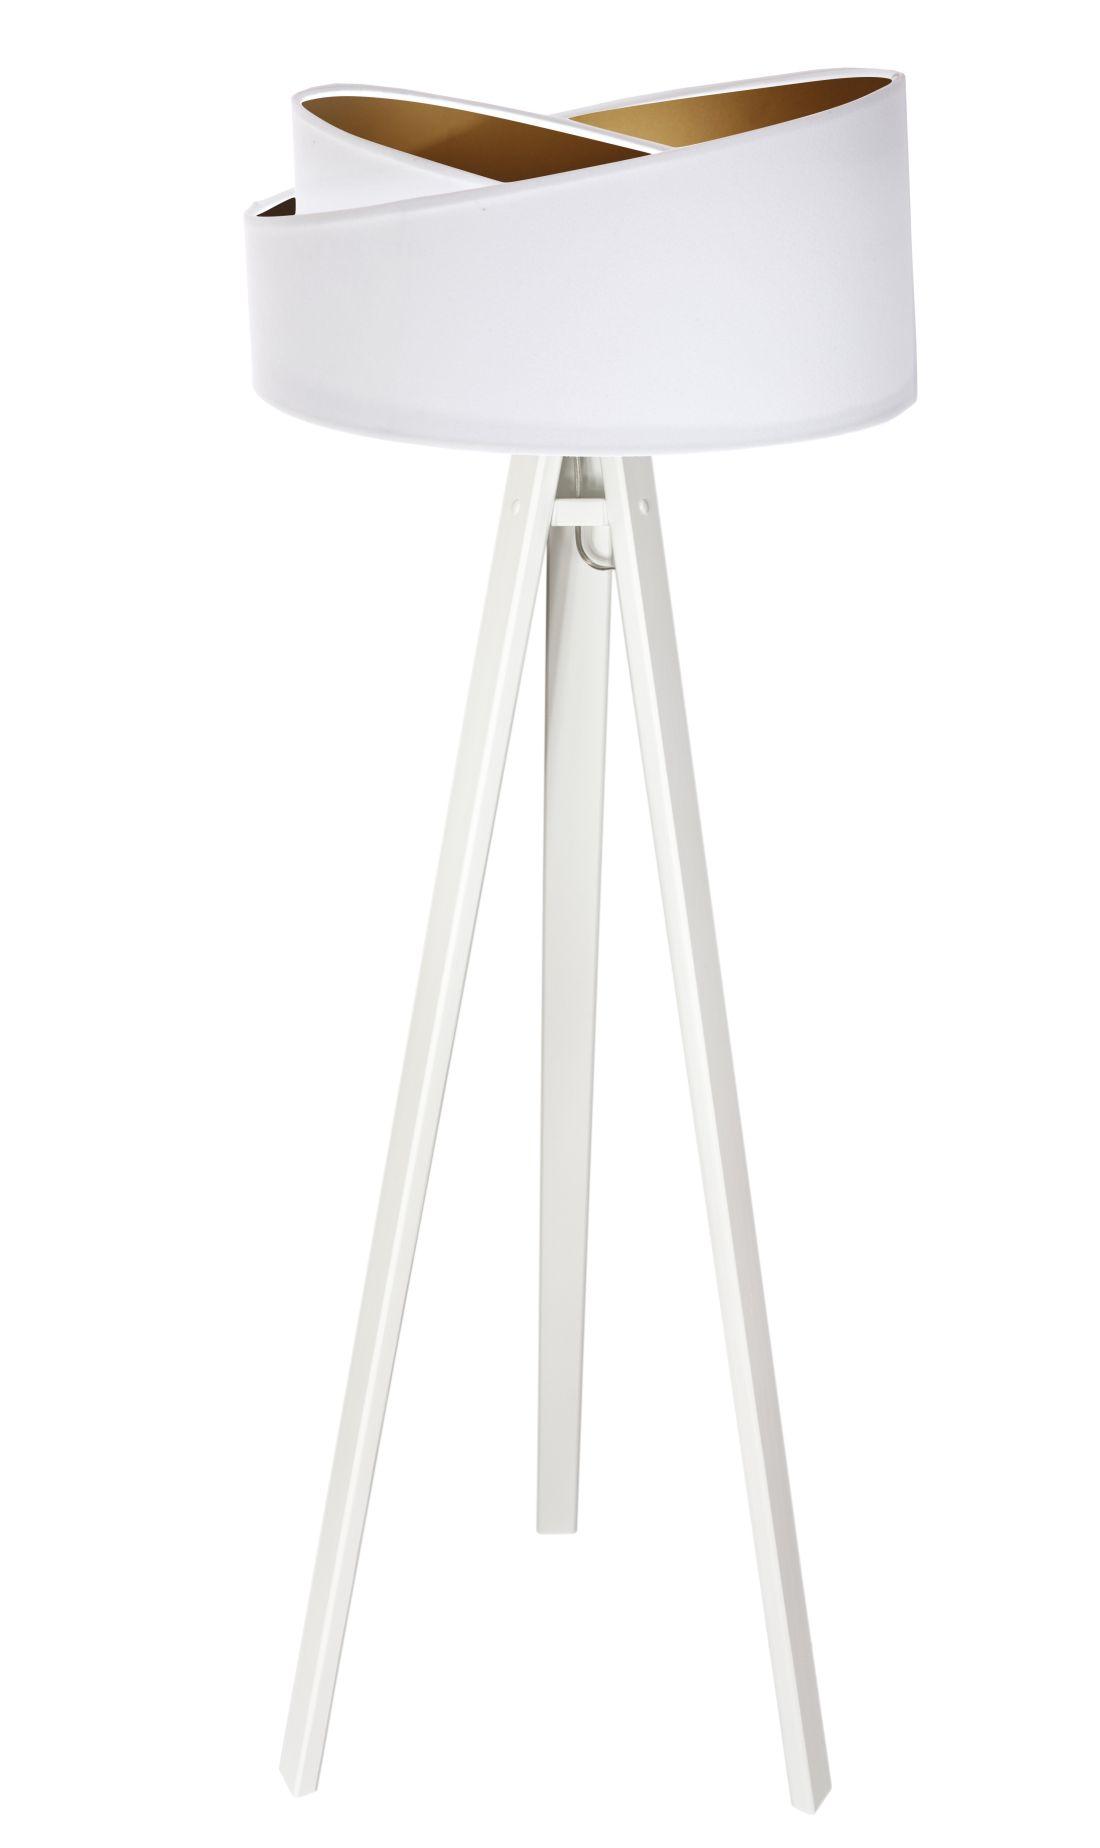 Stehlampe AYLA Weiß Gold Dreibein 145cm Wohnzimmer